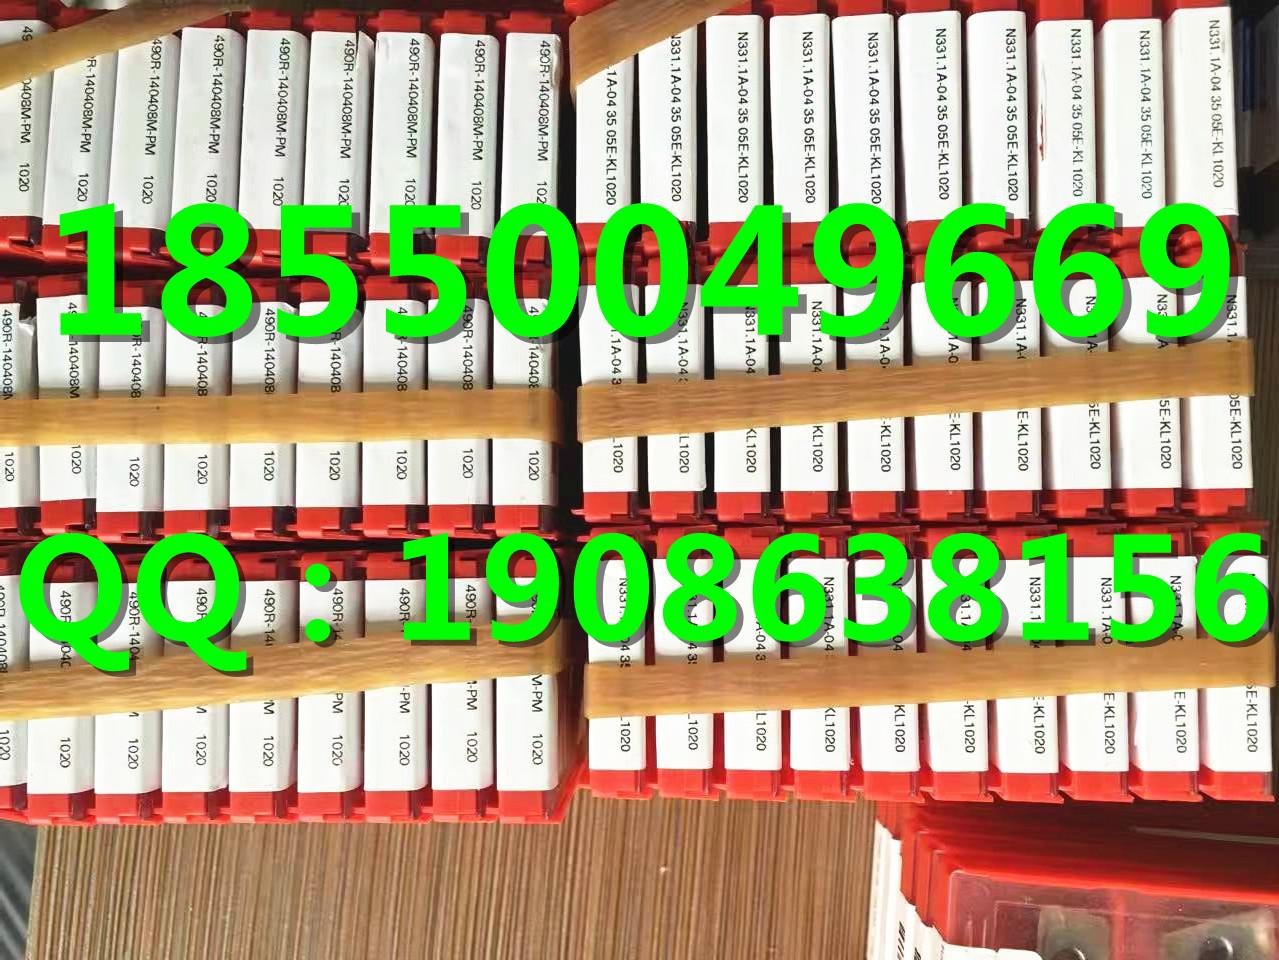 周口京瓷三菱数控刀片回收价格